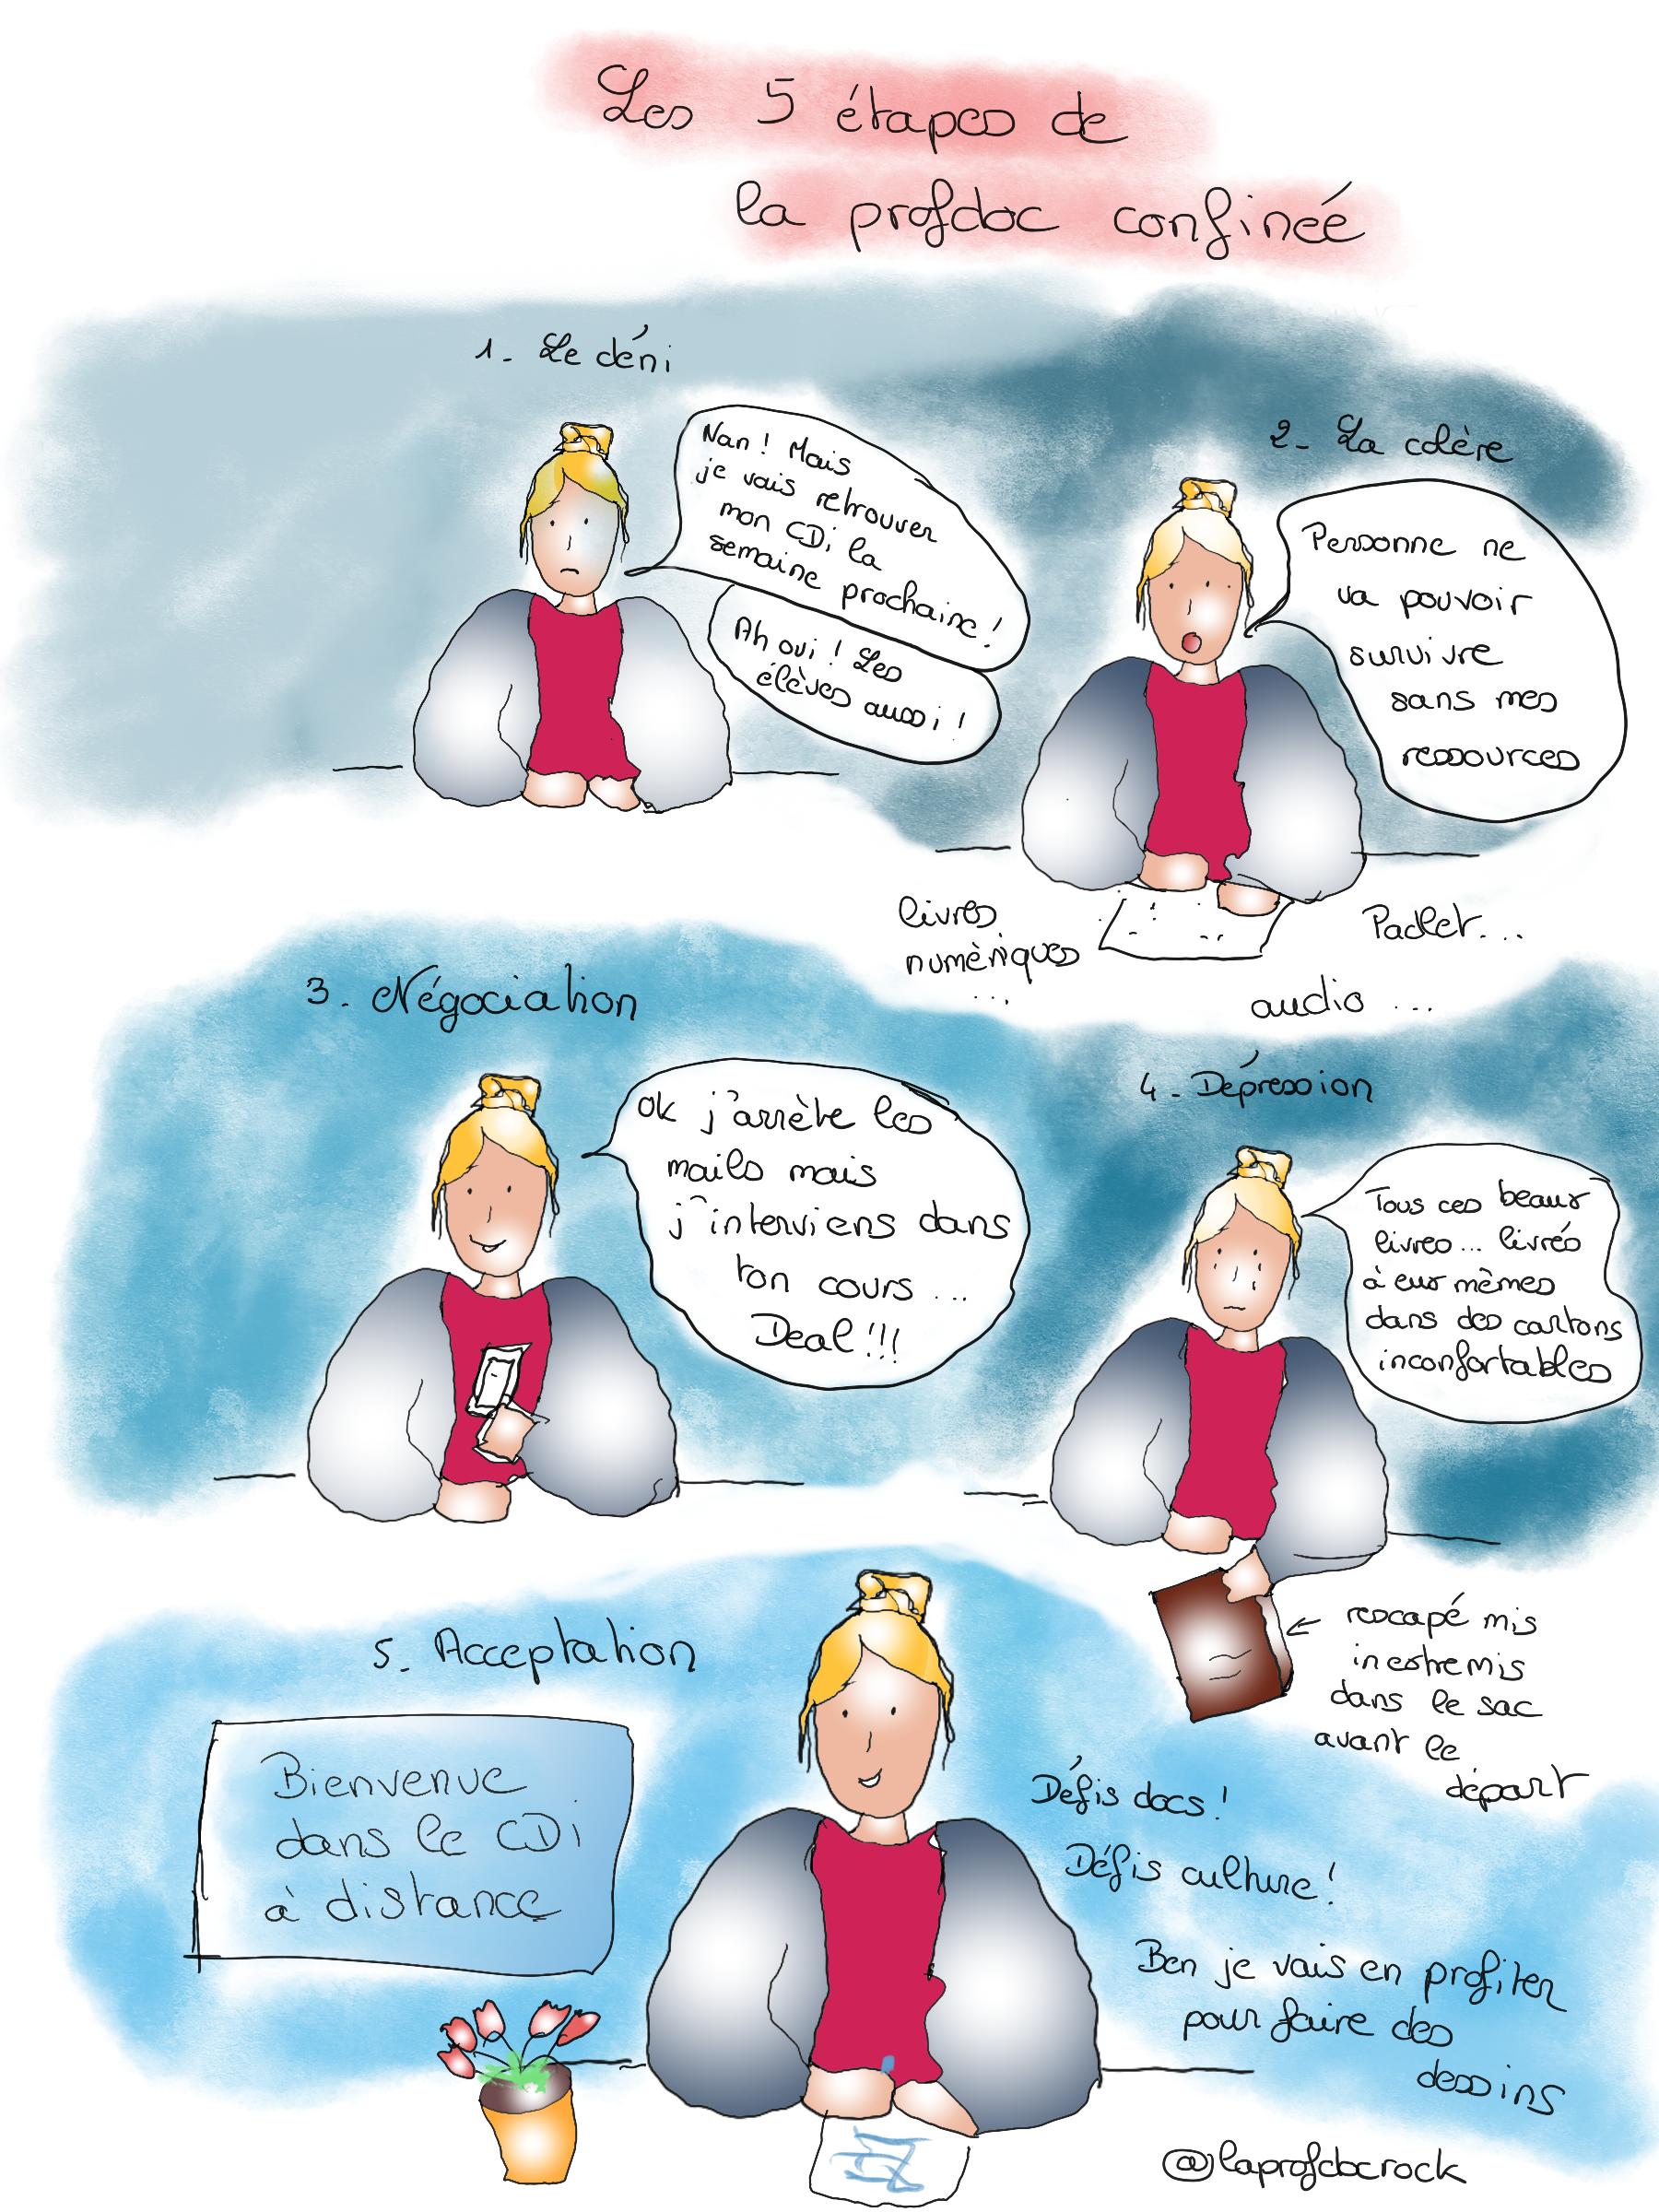 Les 5 étapes de la profdoc confinée